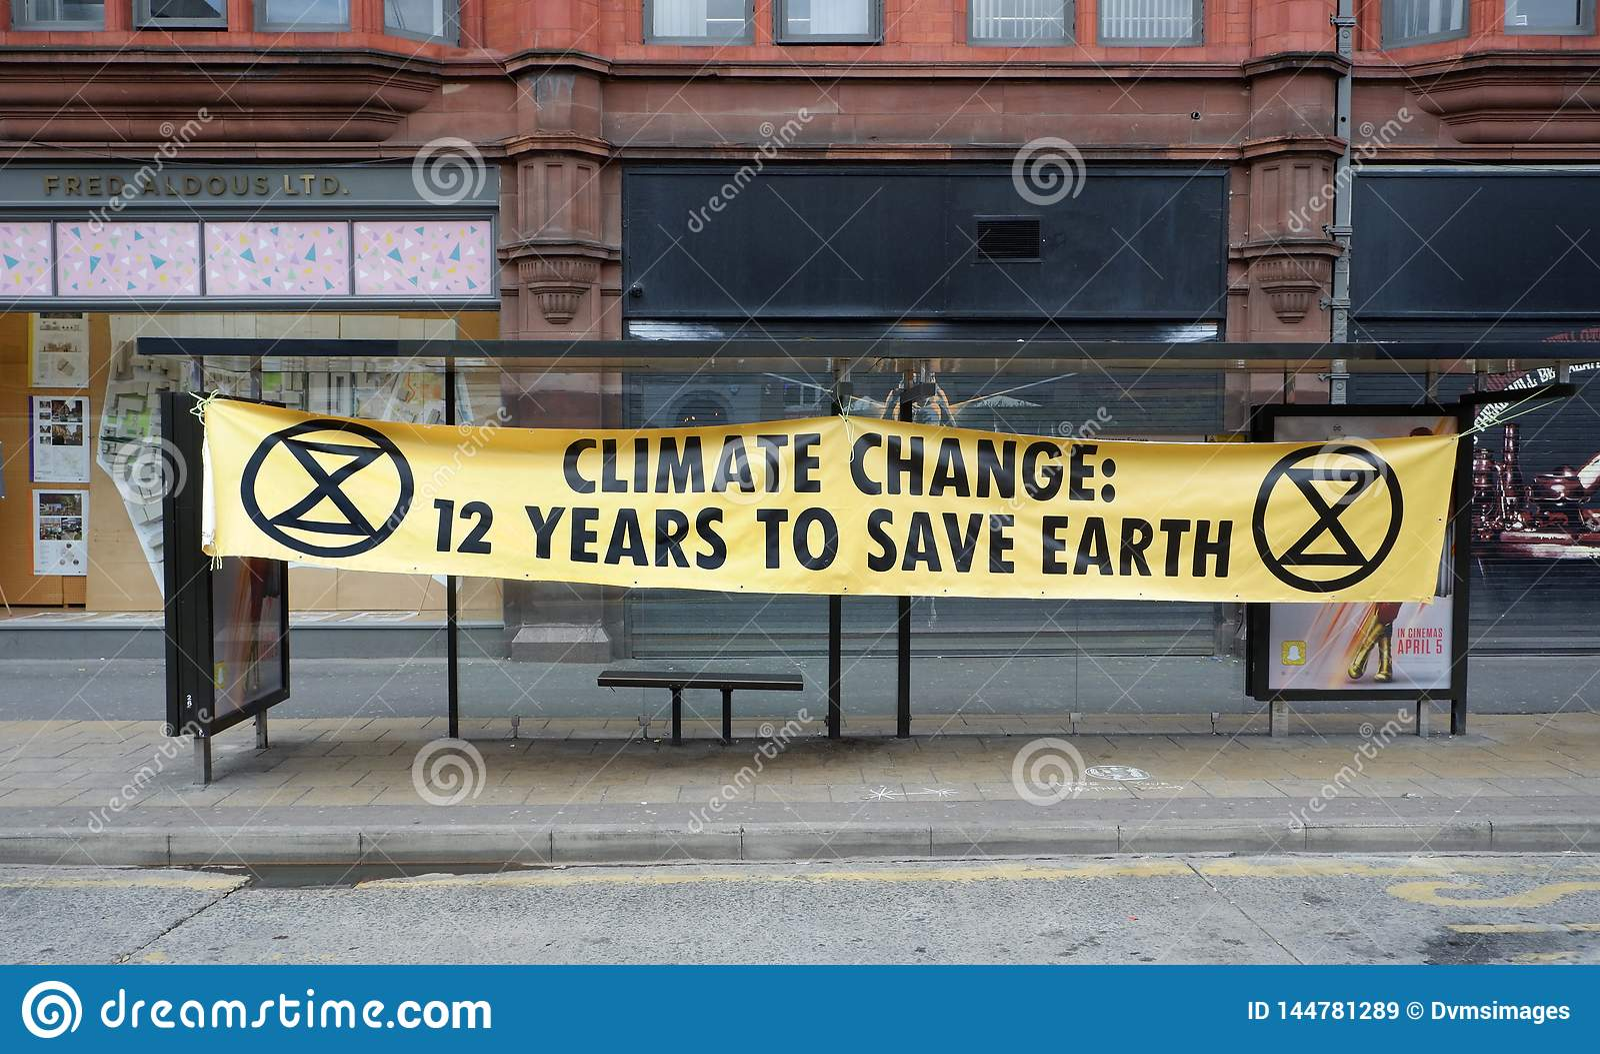 Löschungs-Aufstands-Klimawandel-Warnung in Manchester